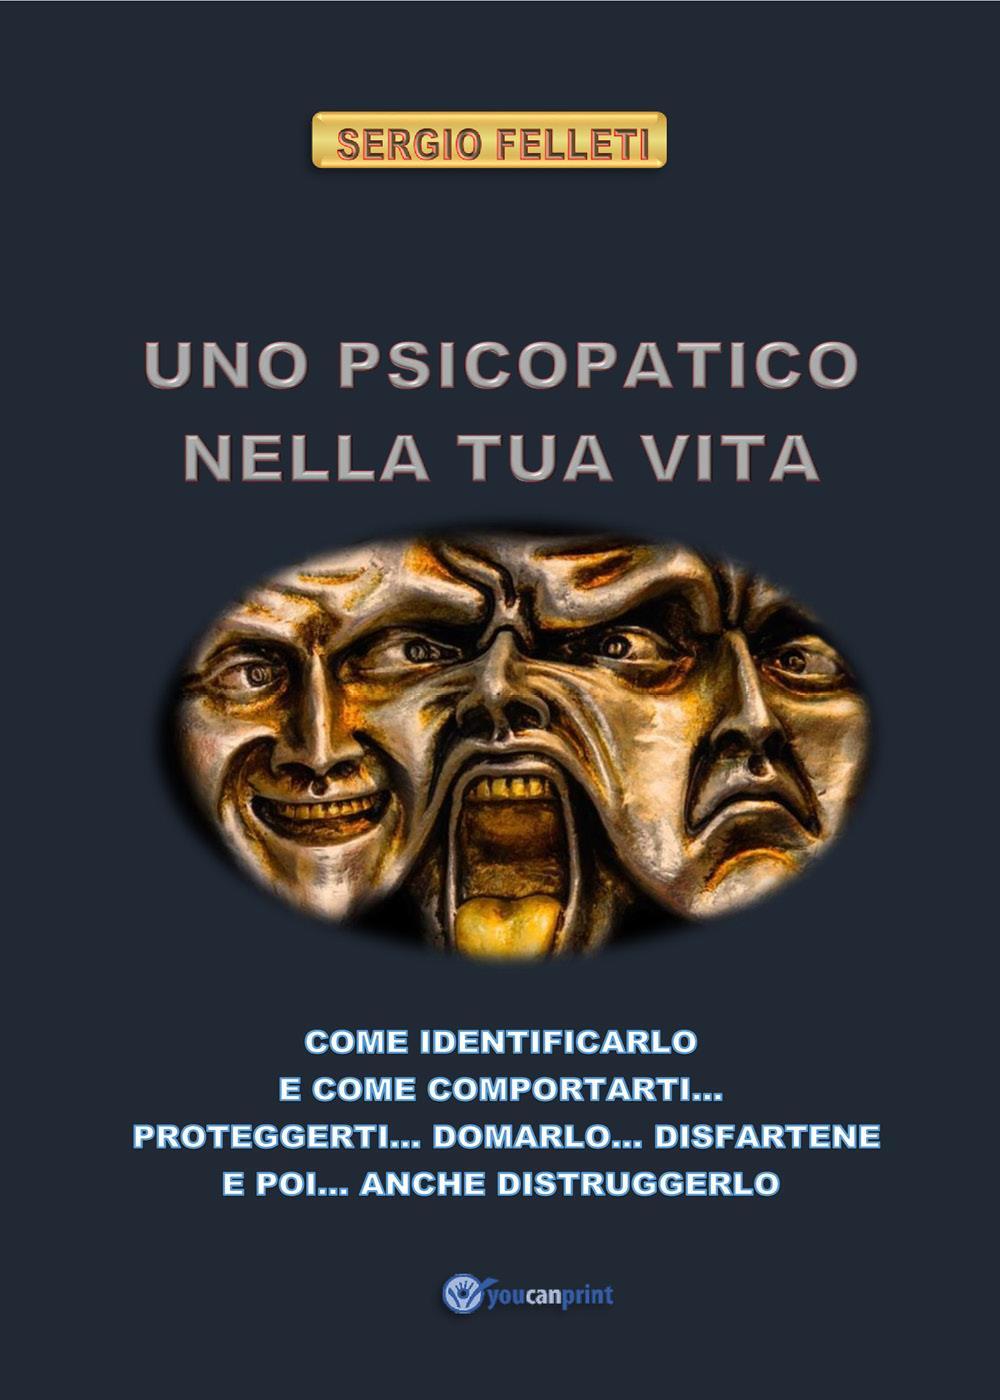 Uno psicopatico nella tua vita